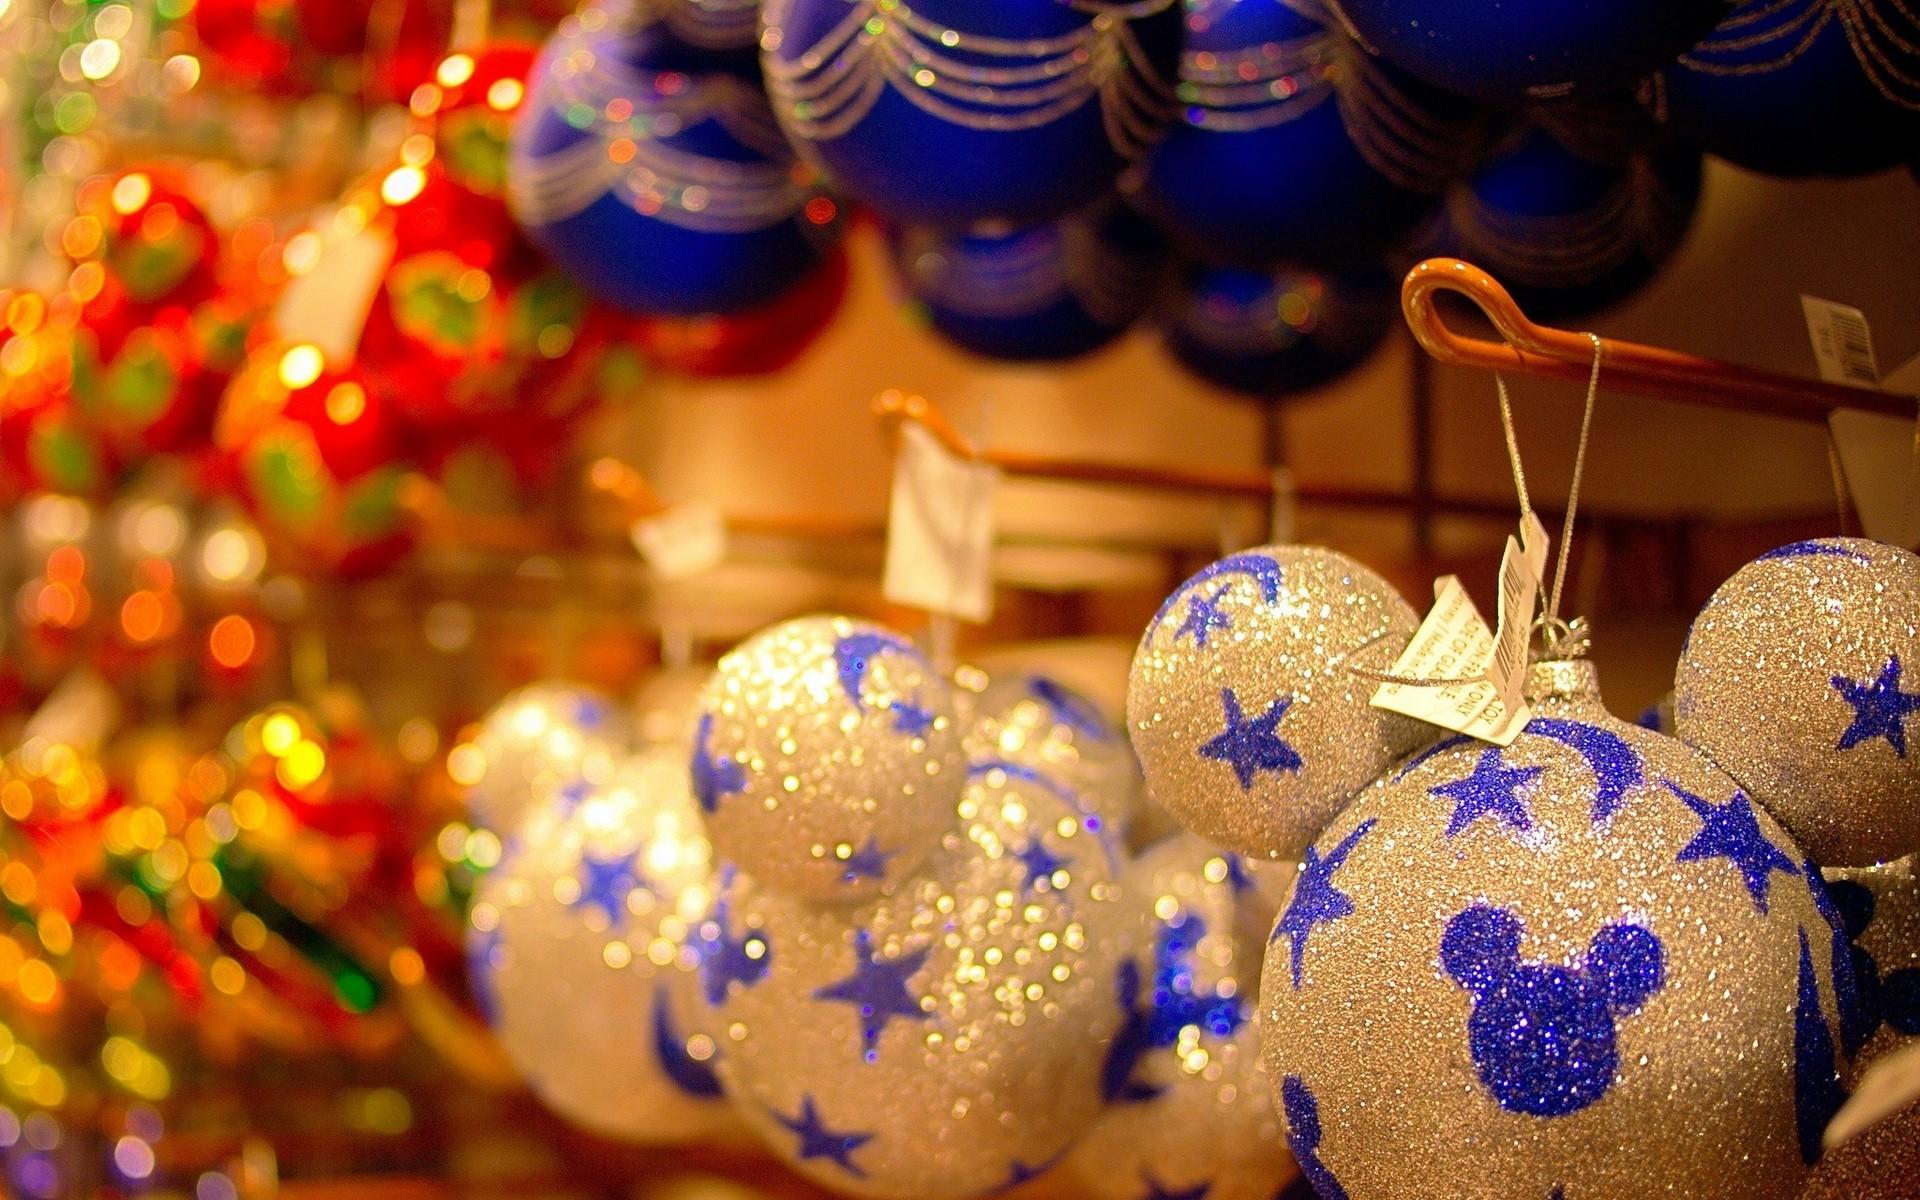 Fondos Navidad 2013 ADNFriki (19)